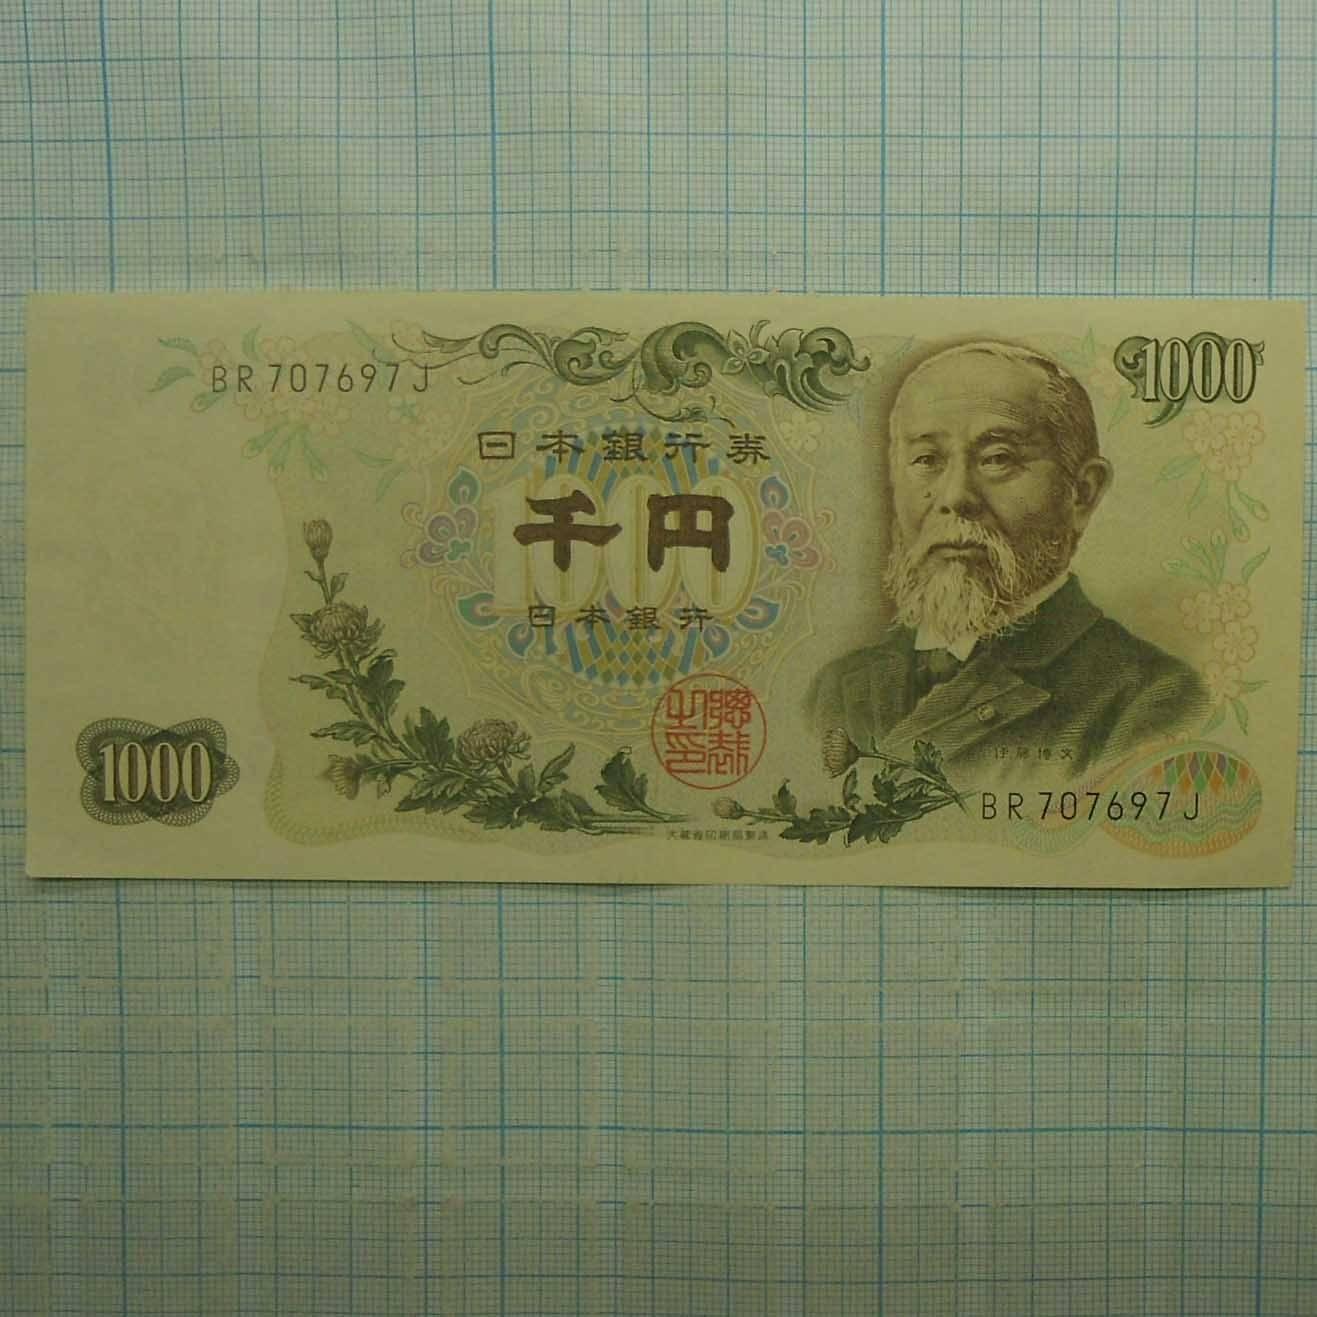 История валют. японская йена факты о jpy, японской йене